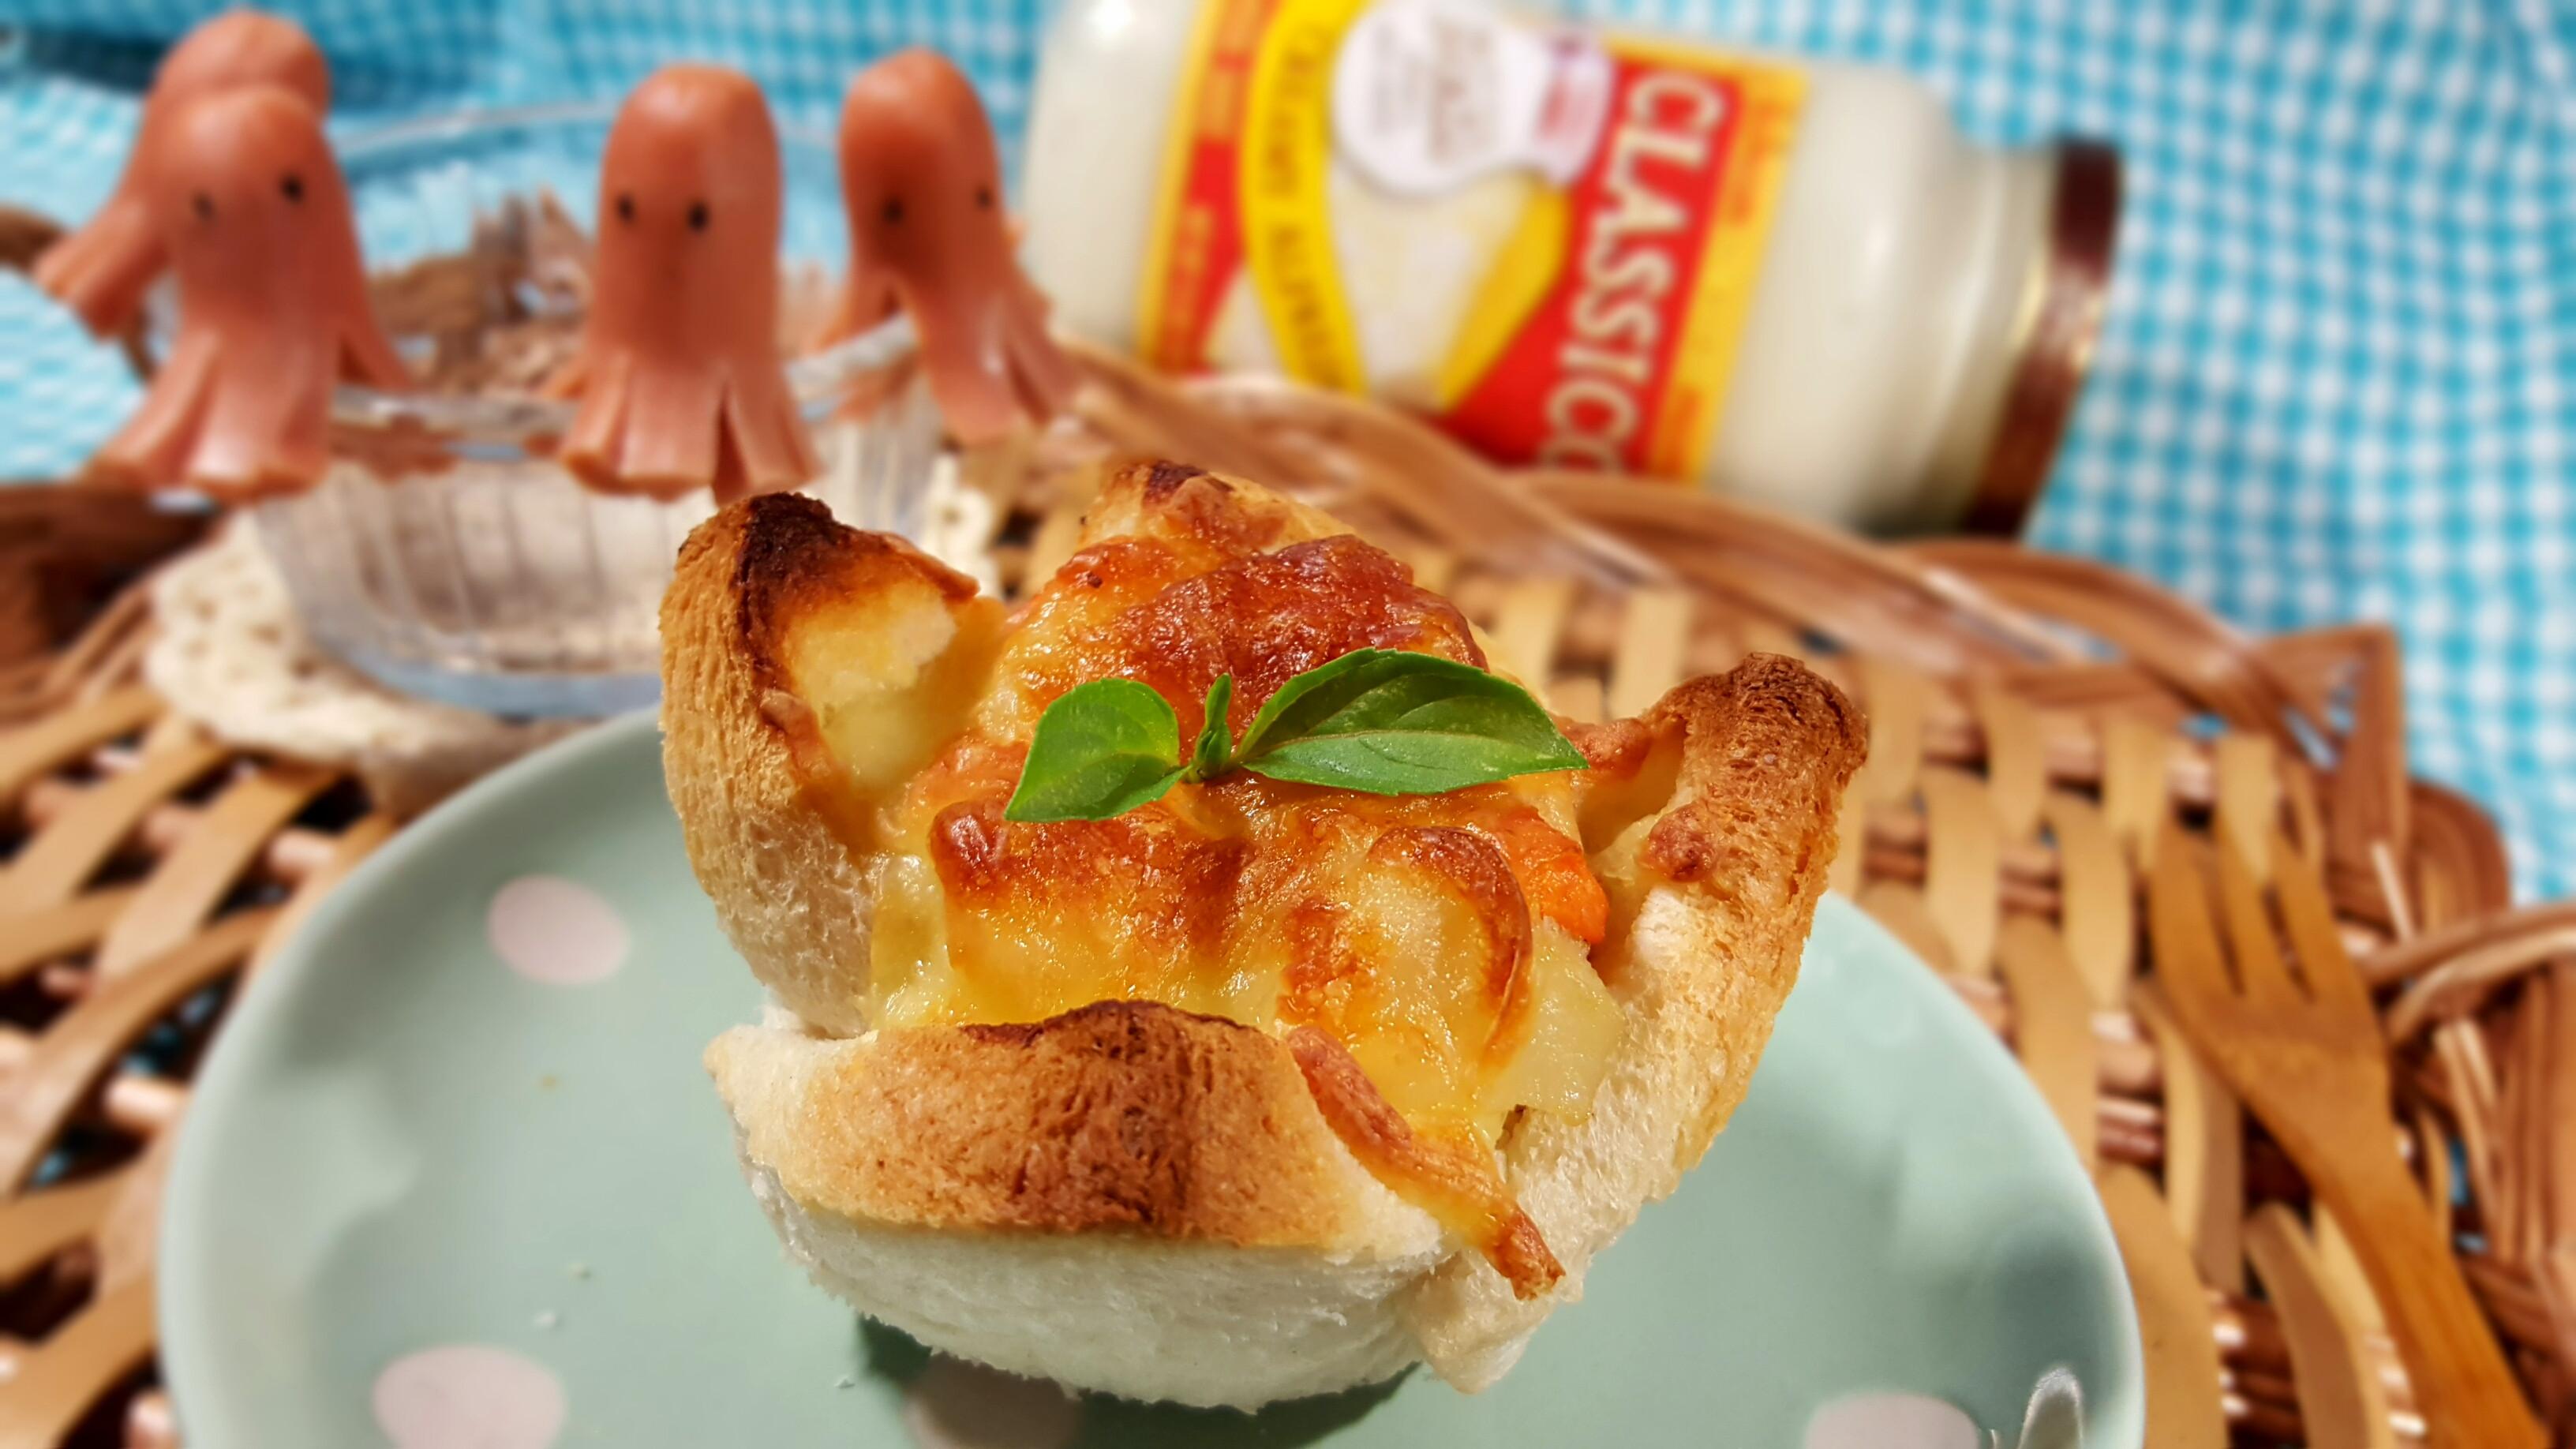 馬鈴薯白醬焗土司-CLASSICO義麵醬